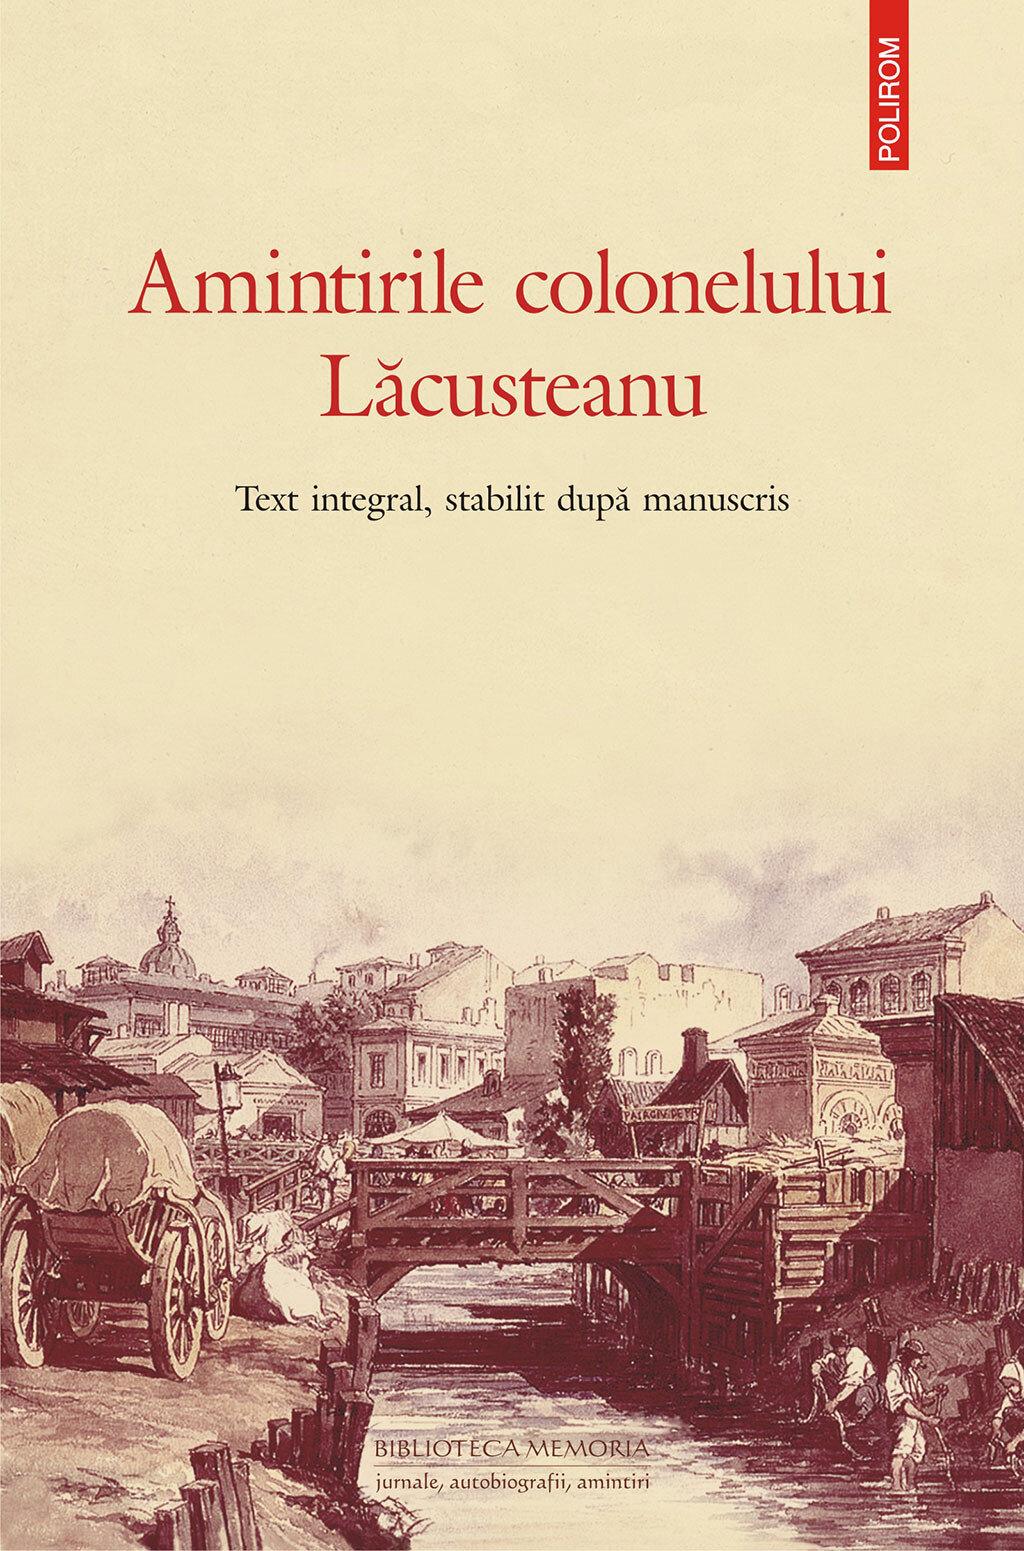 Amintirile colonelului Lacusteanu. Text integral, stabilit dupa manuscris PDF (Download eBook)